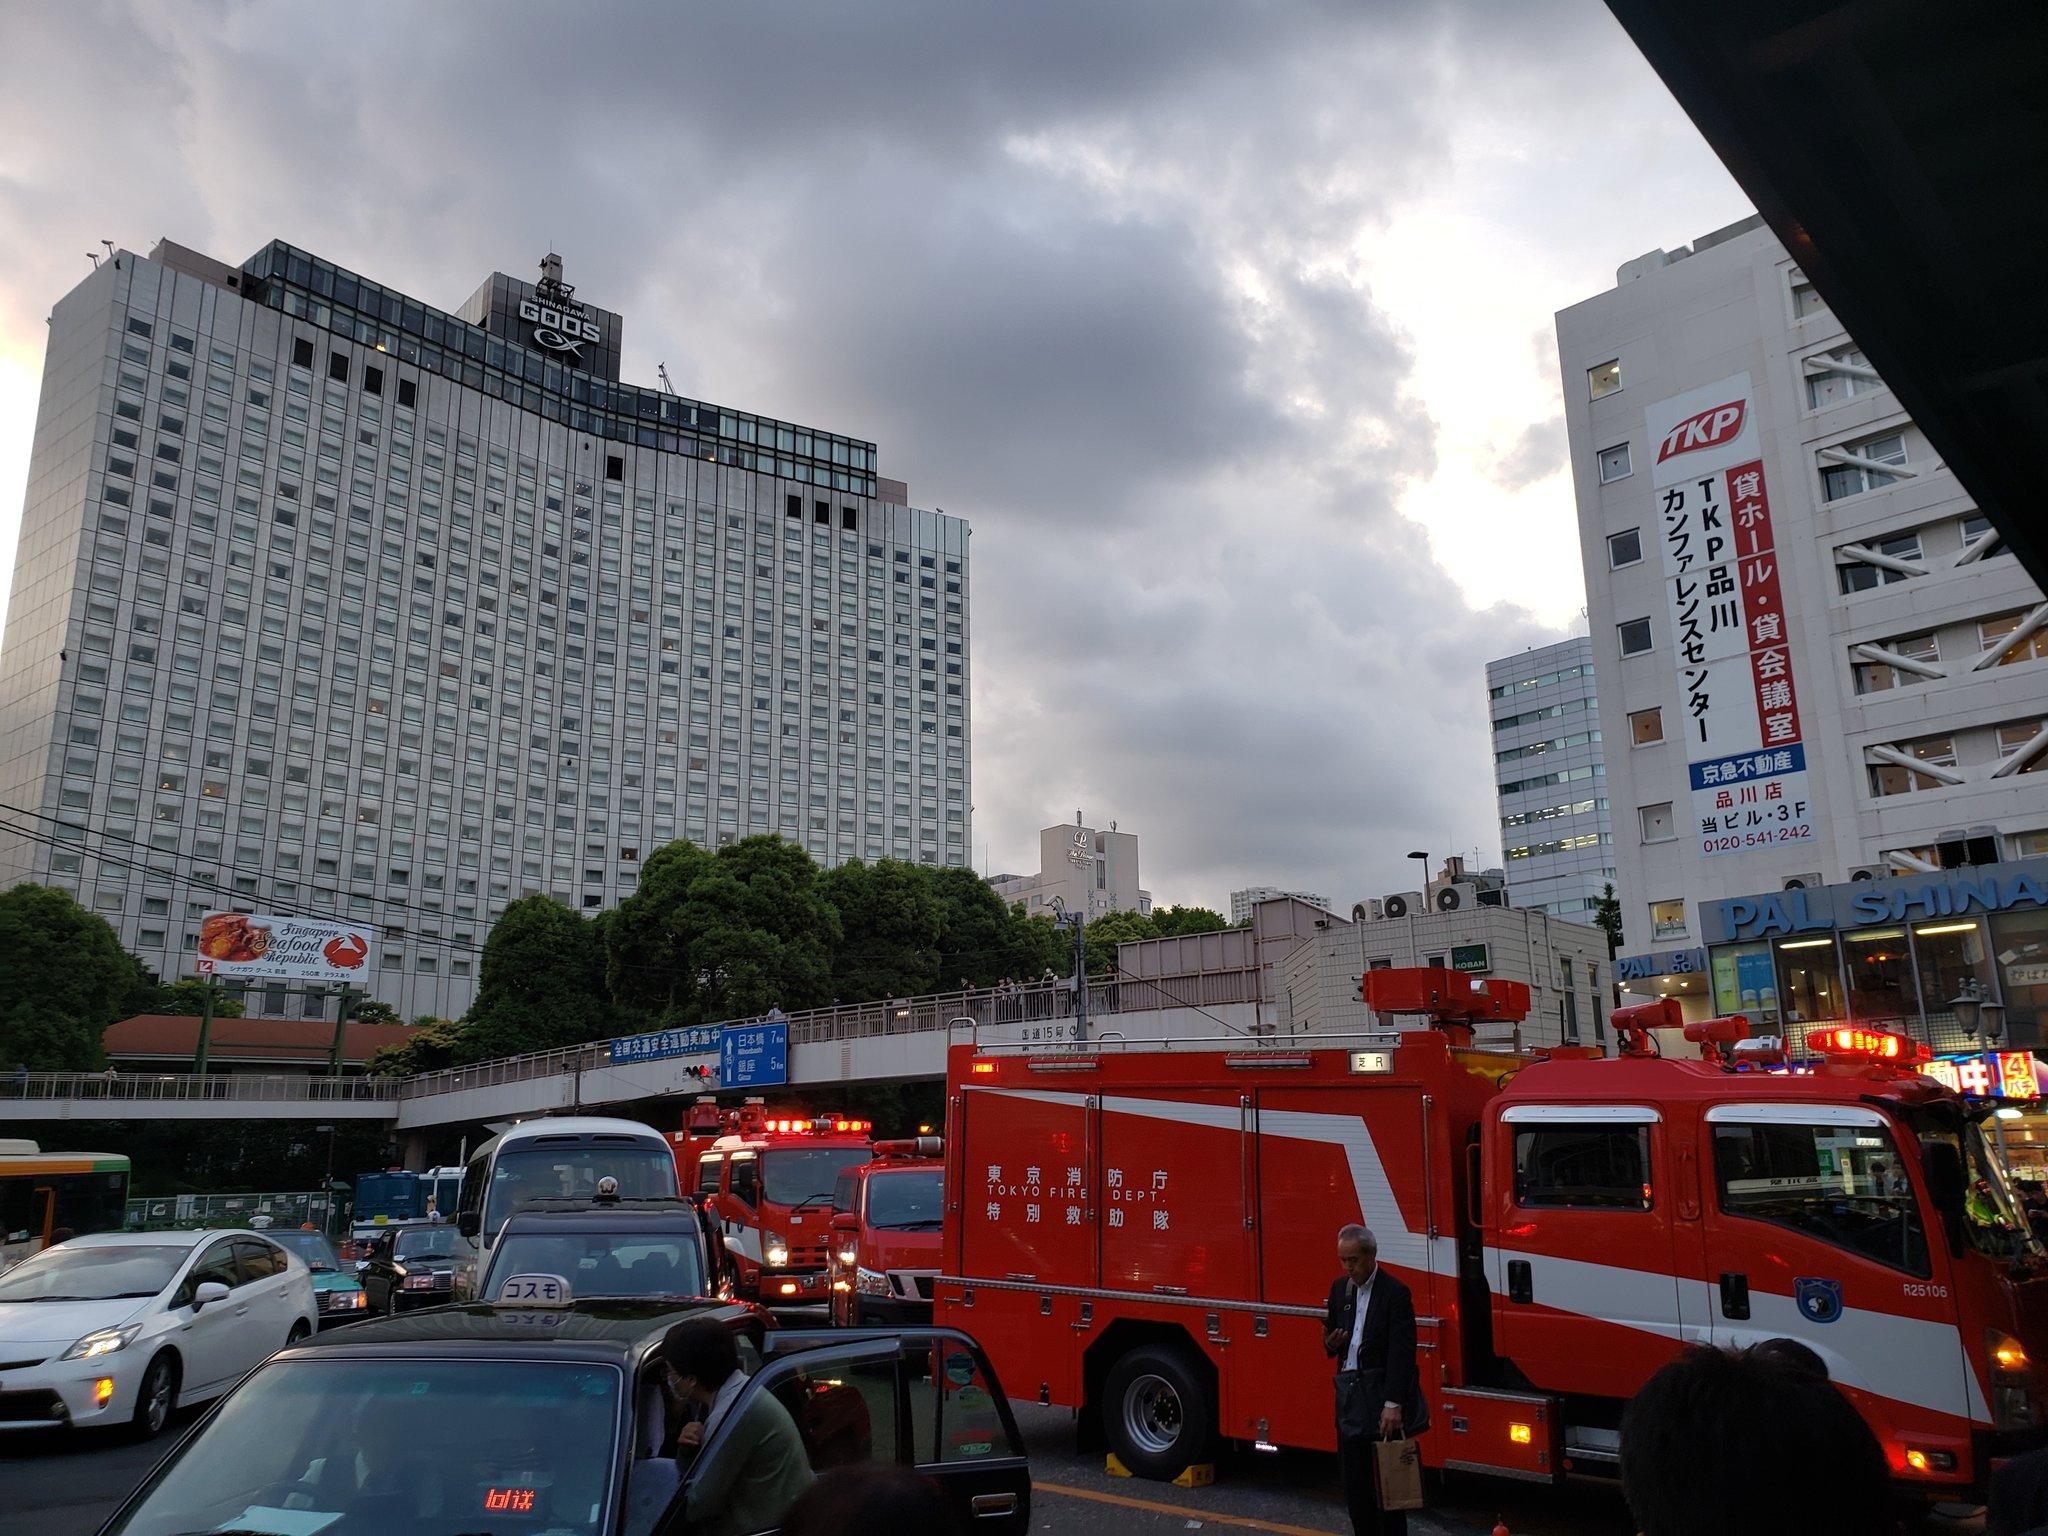 画像,品川駅終了 https://t.co/M9CD9NgpRt。